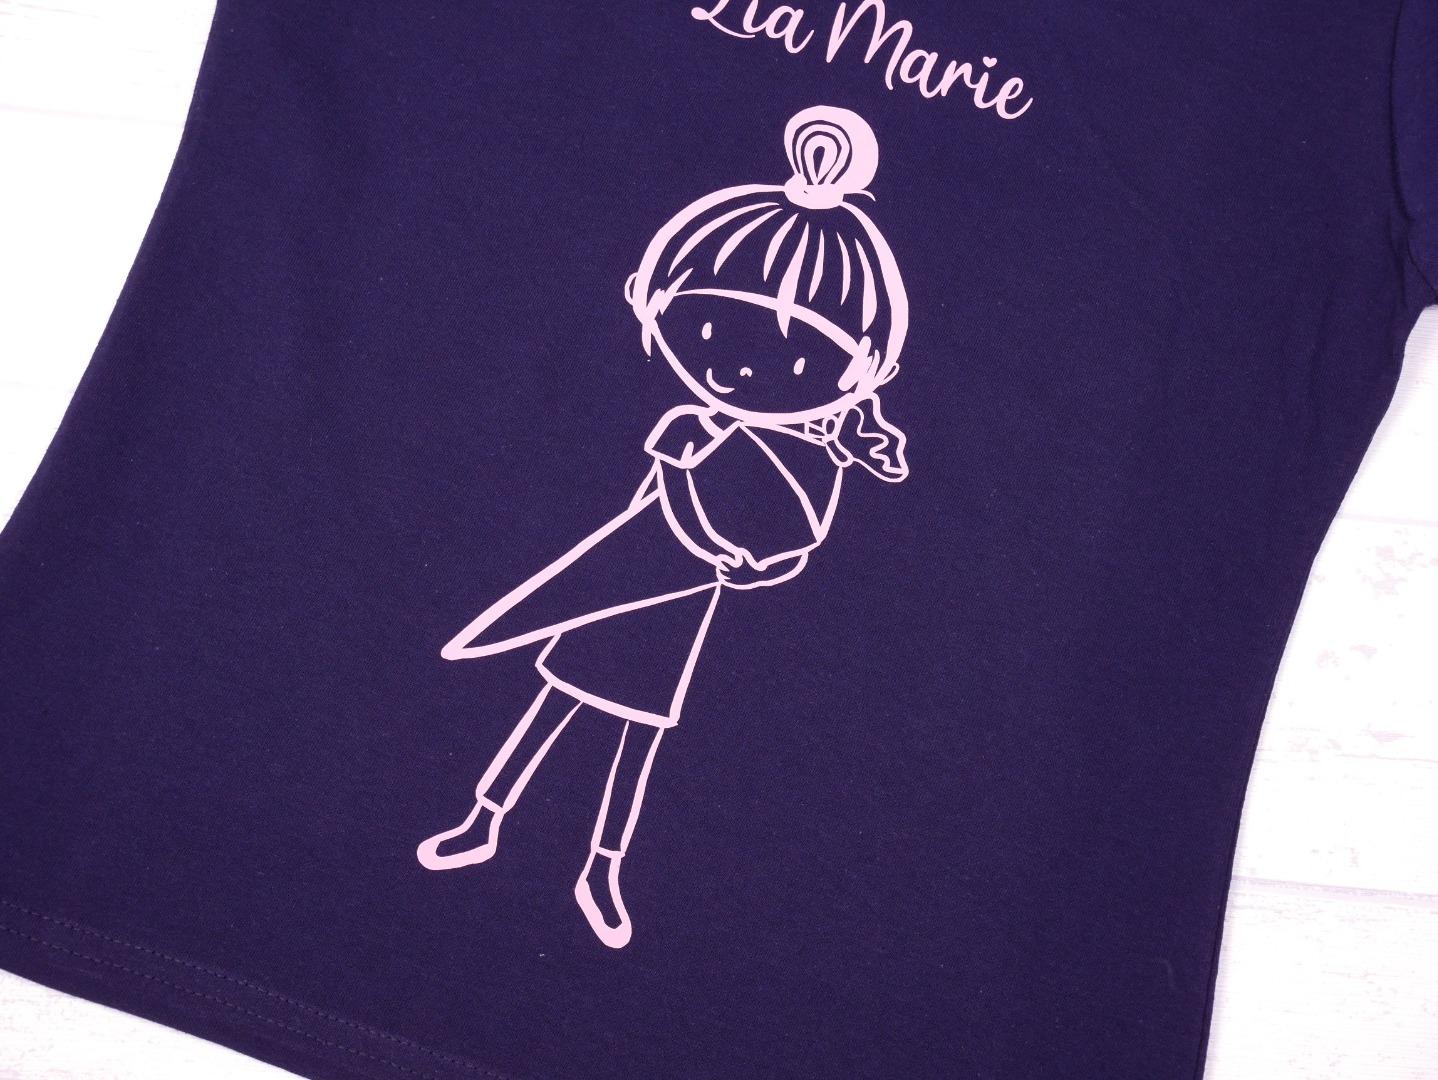 Schulkind T-Shirt mit Namen zur Einschulung